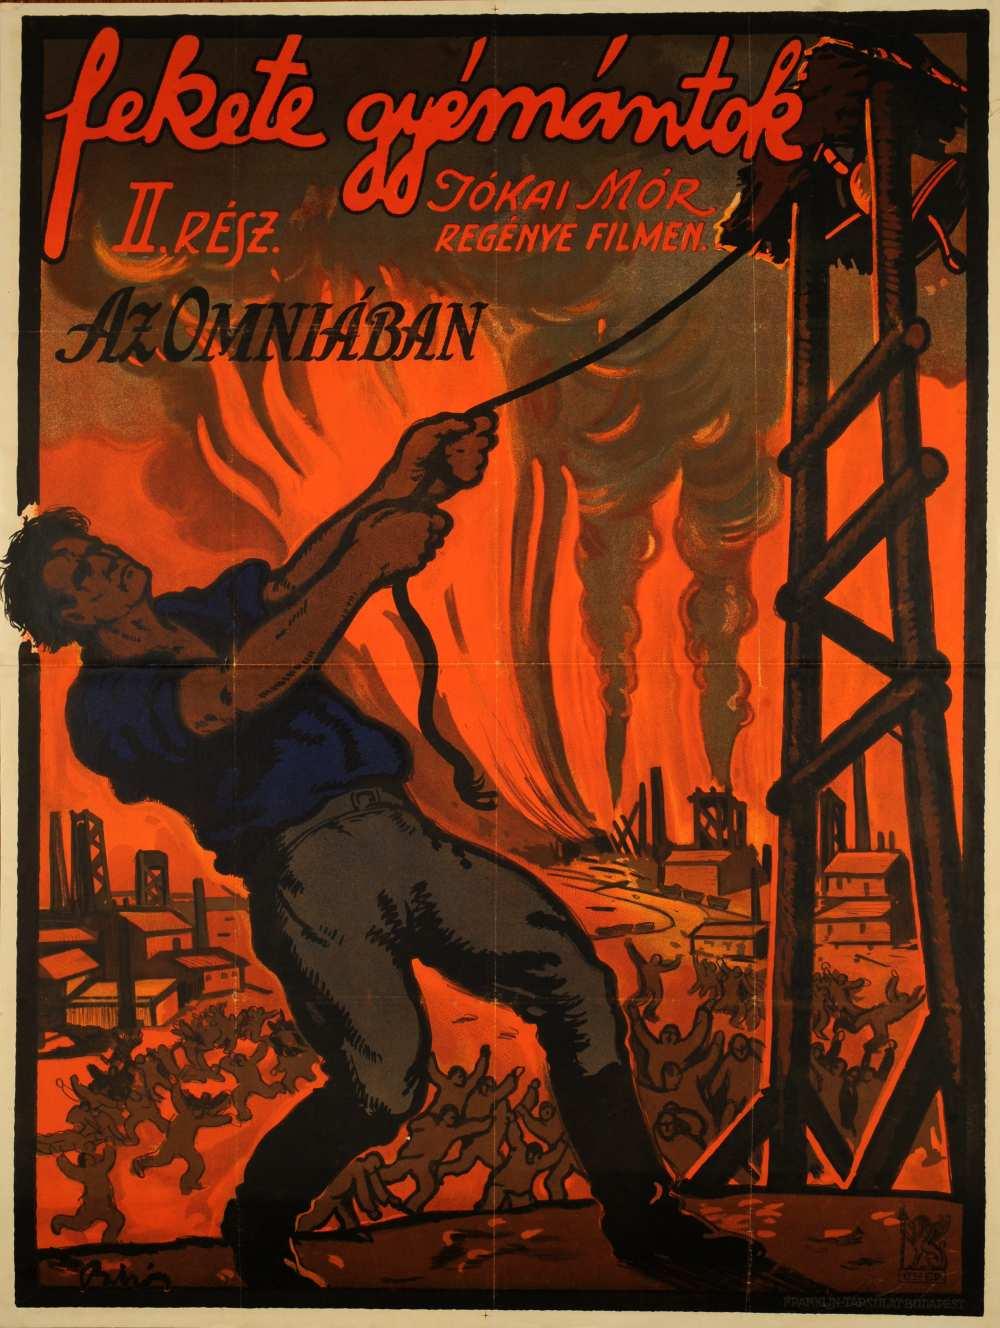 Fekete gyémántok. II. rész. Filmplakát, 1917. – Térkép-, Plakát-és Kisnyomtatványtár, Jelzet: Pkg 1917/2.